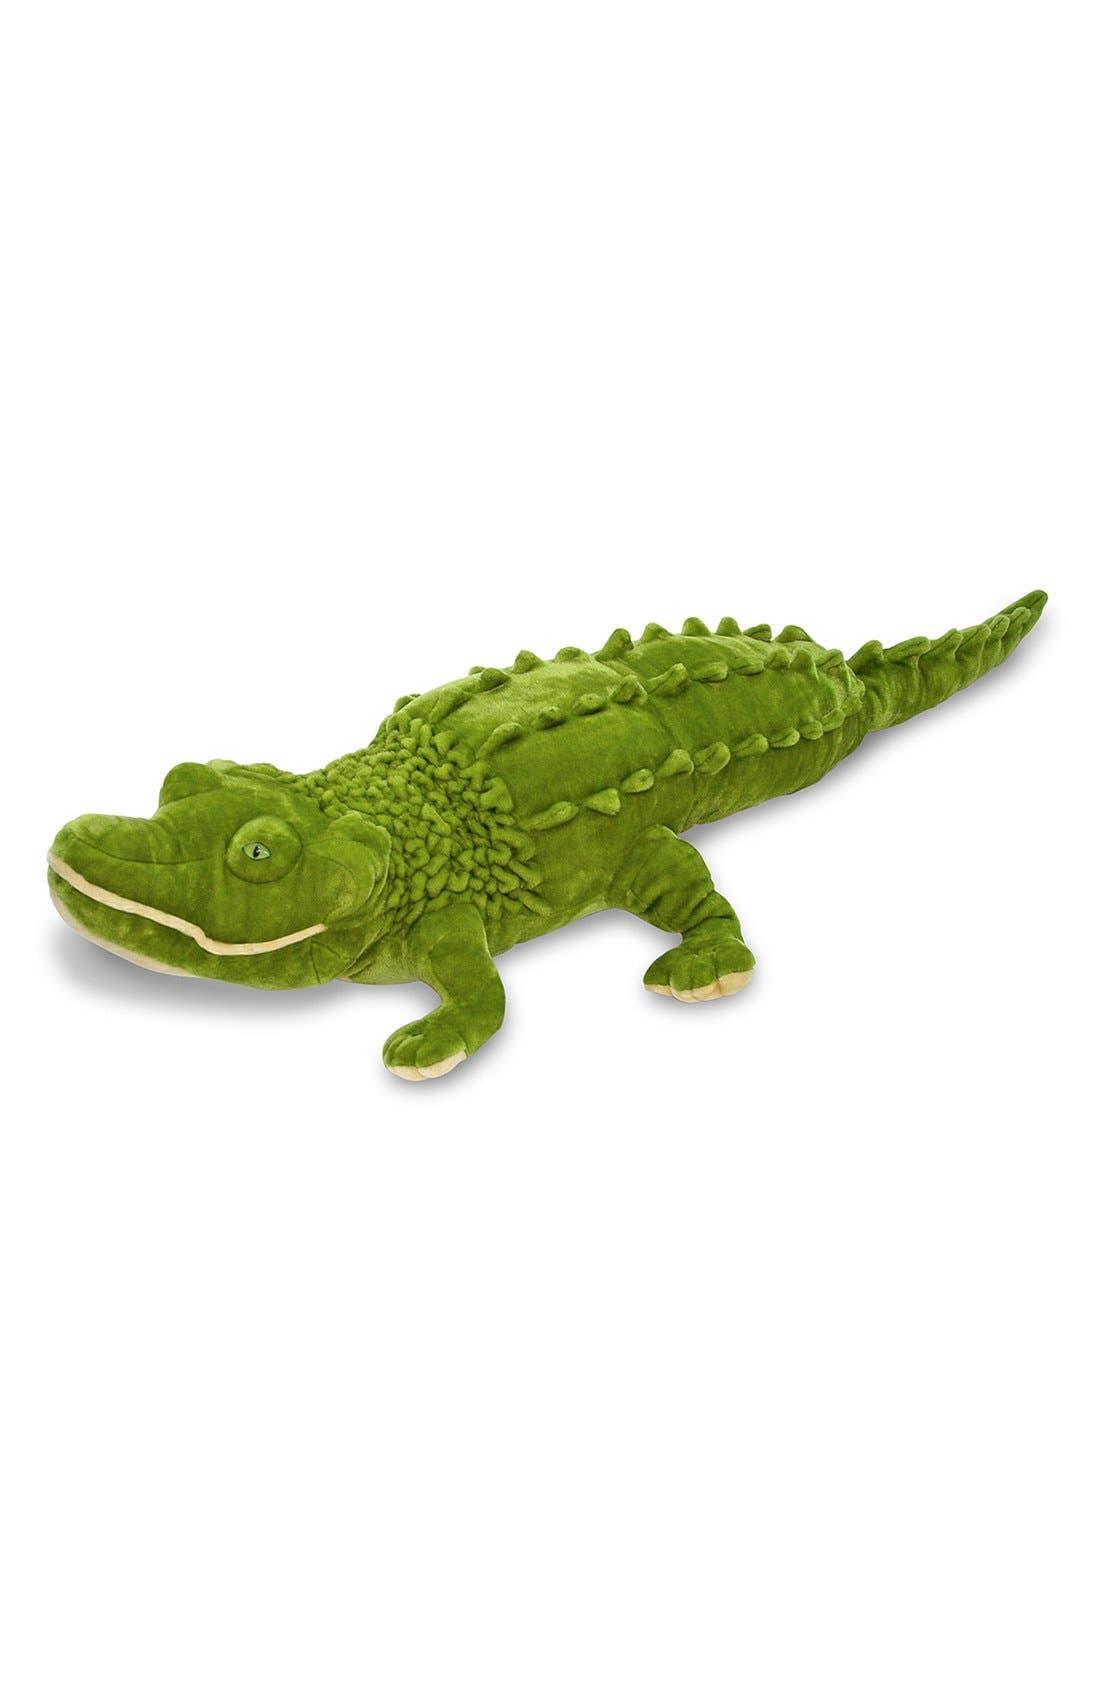 Main Image - Melissa & Doug Oversized Alligator